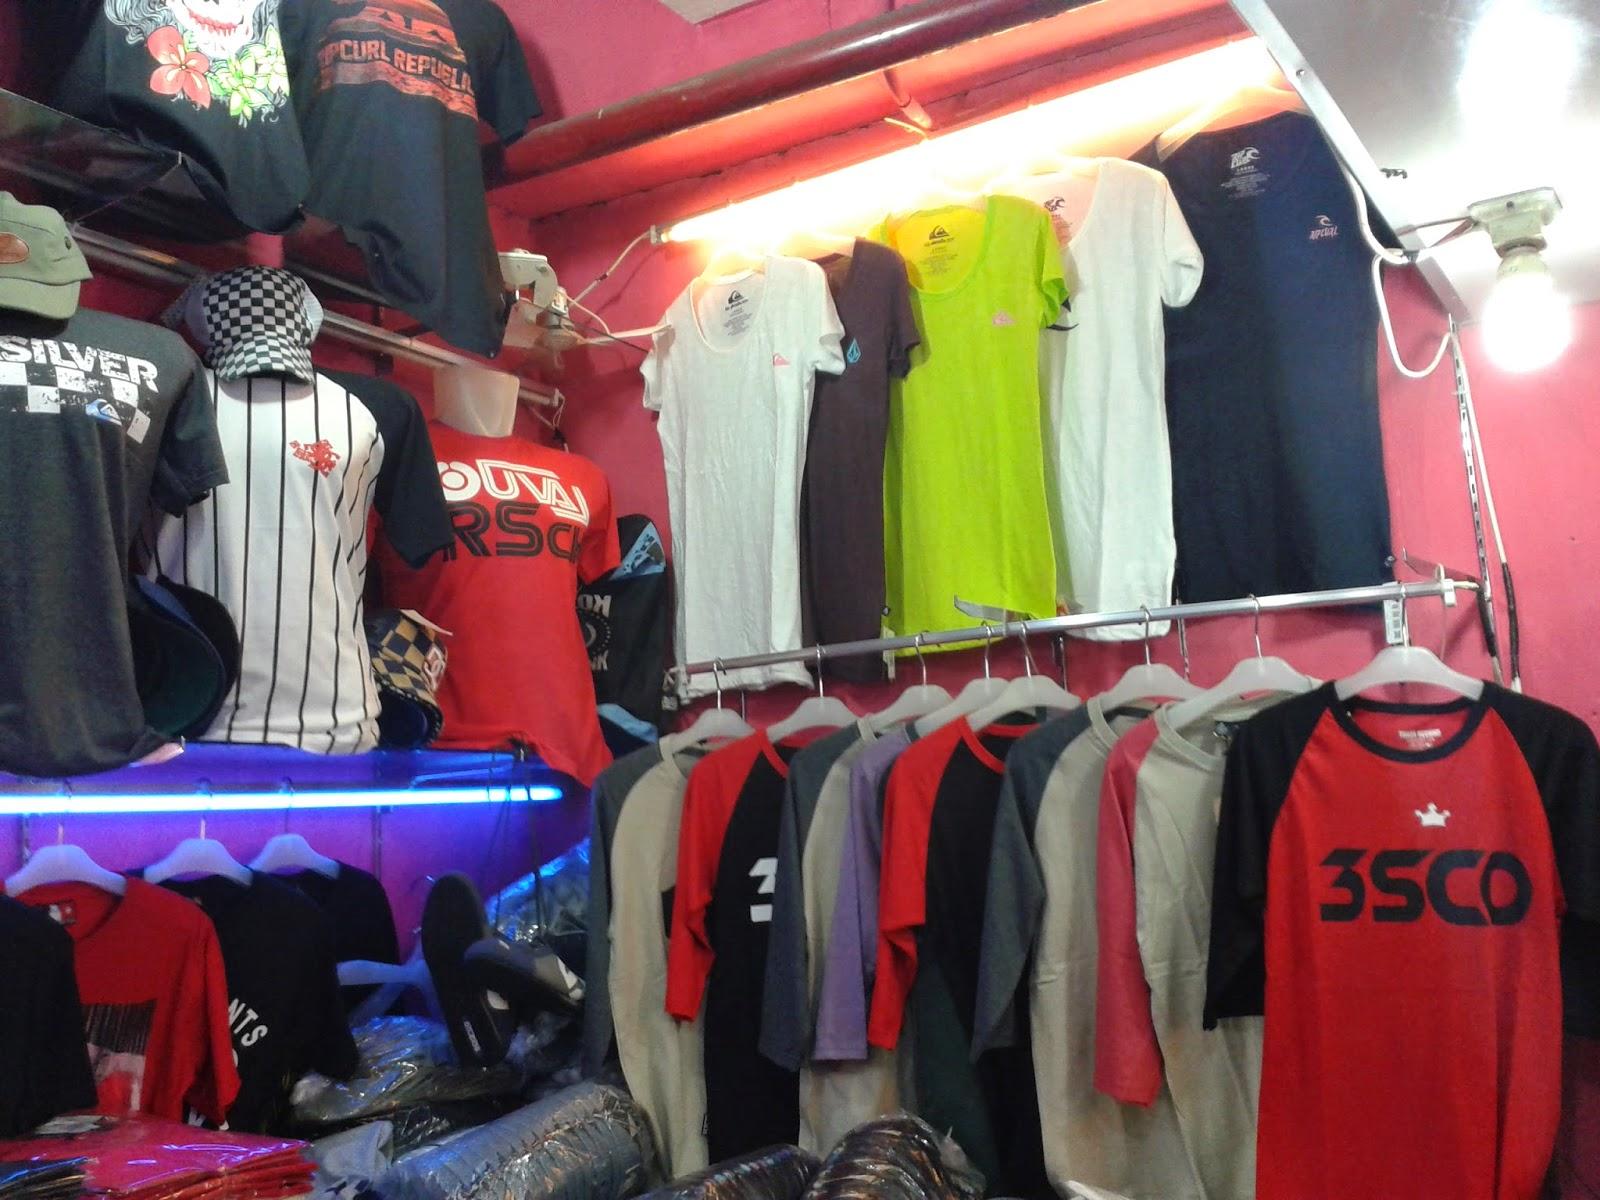 KAOSDISTROKU.com Grosir Kaos Distro Surabaya Termurah dan Berkualitas